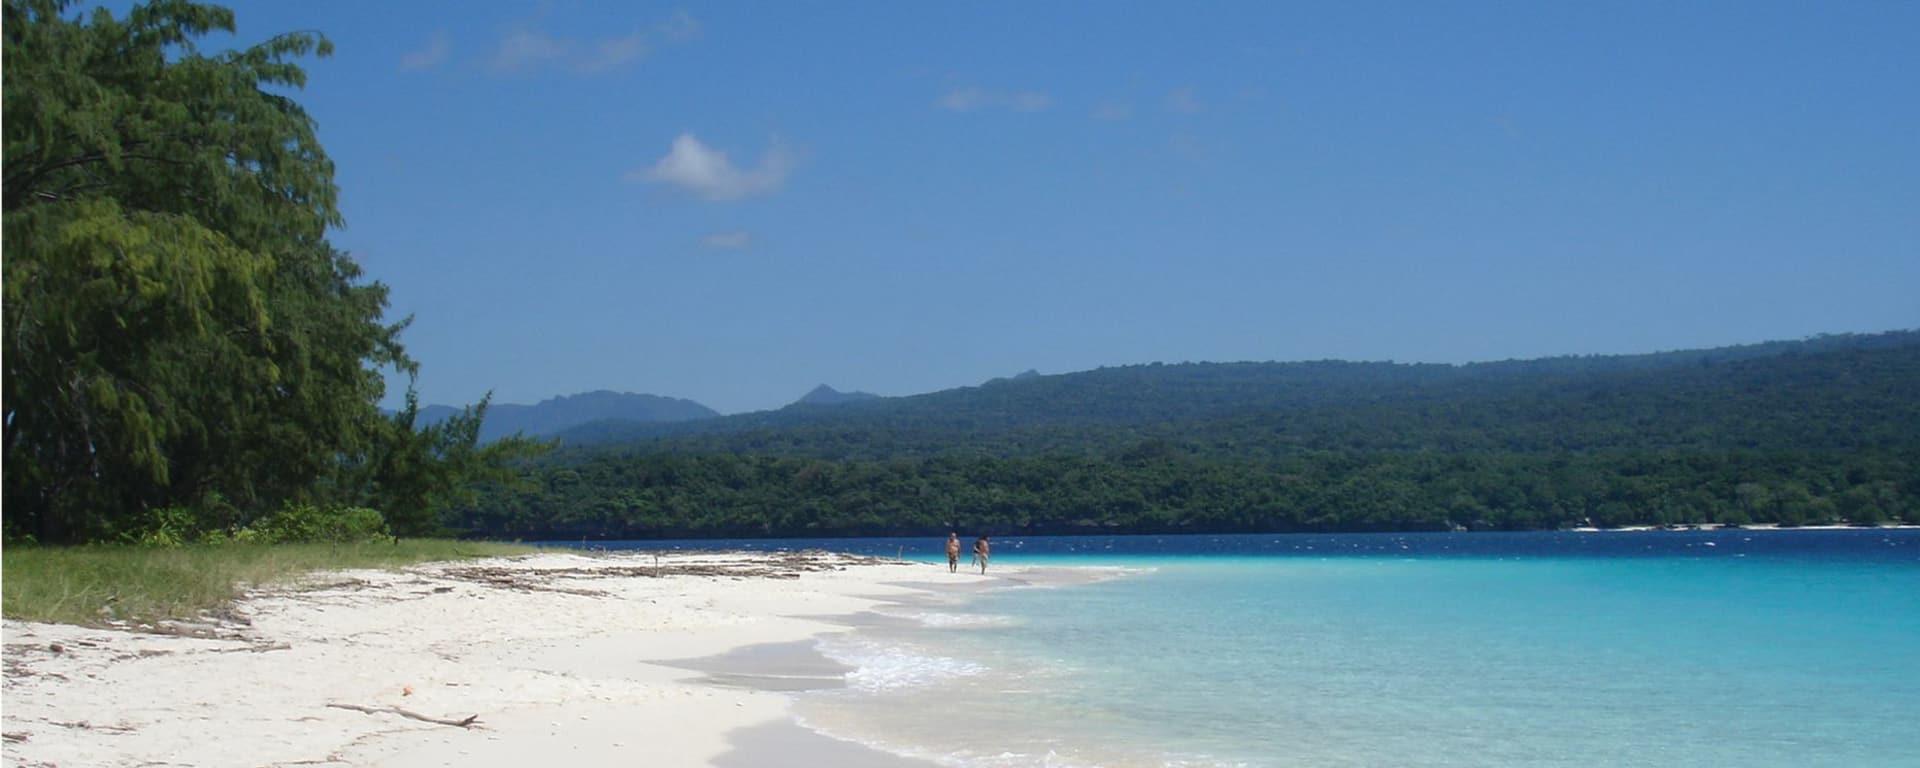 Timor-Leste Reisen und Ferien von tourasia: Jaco Island